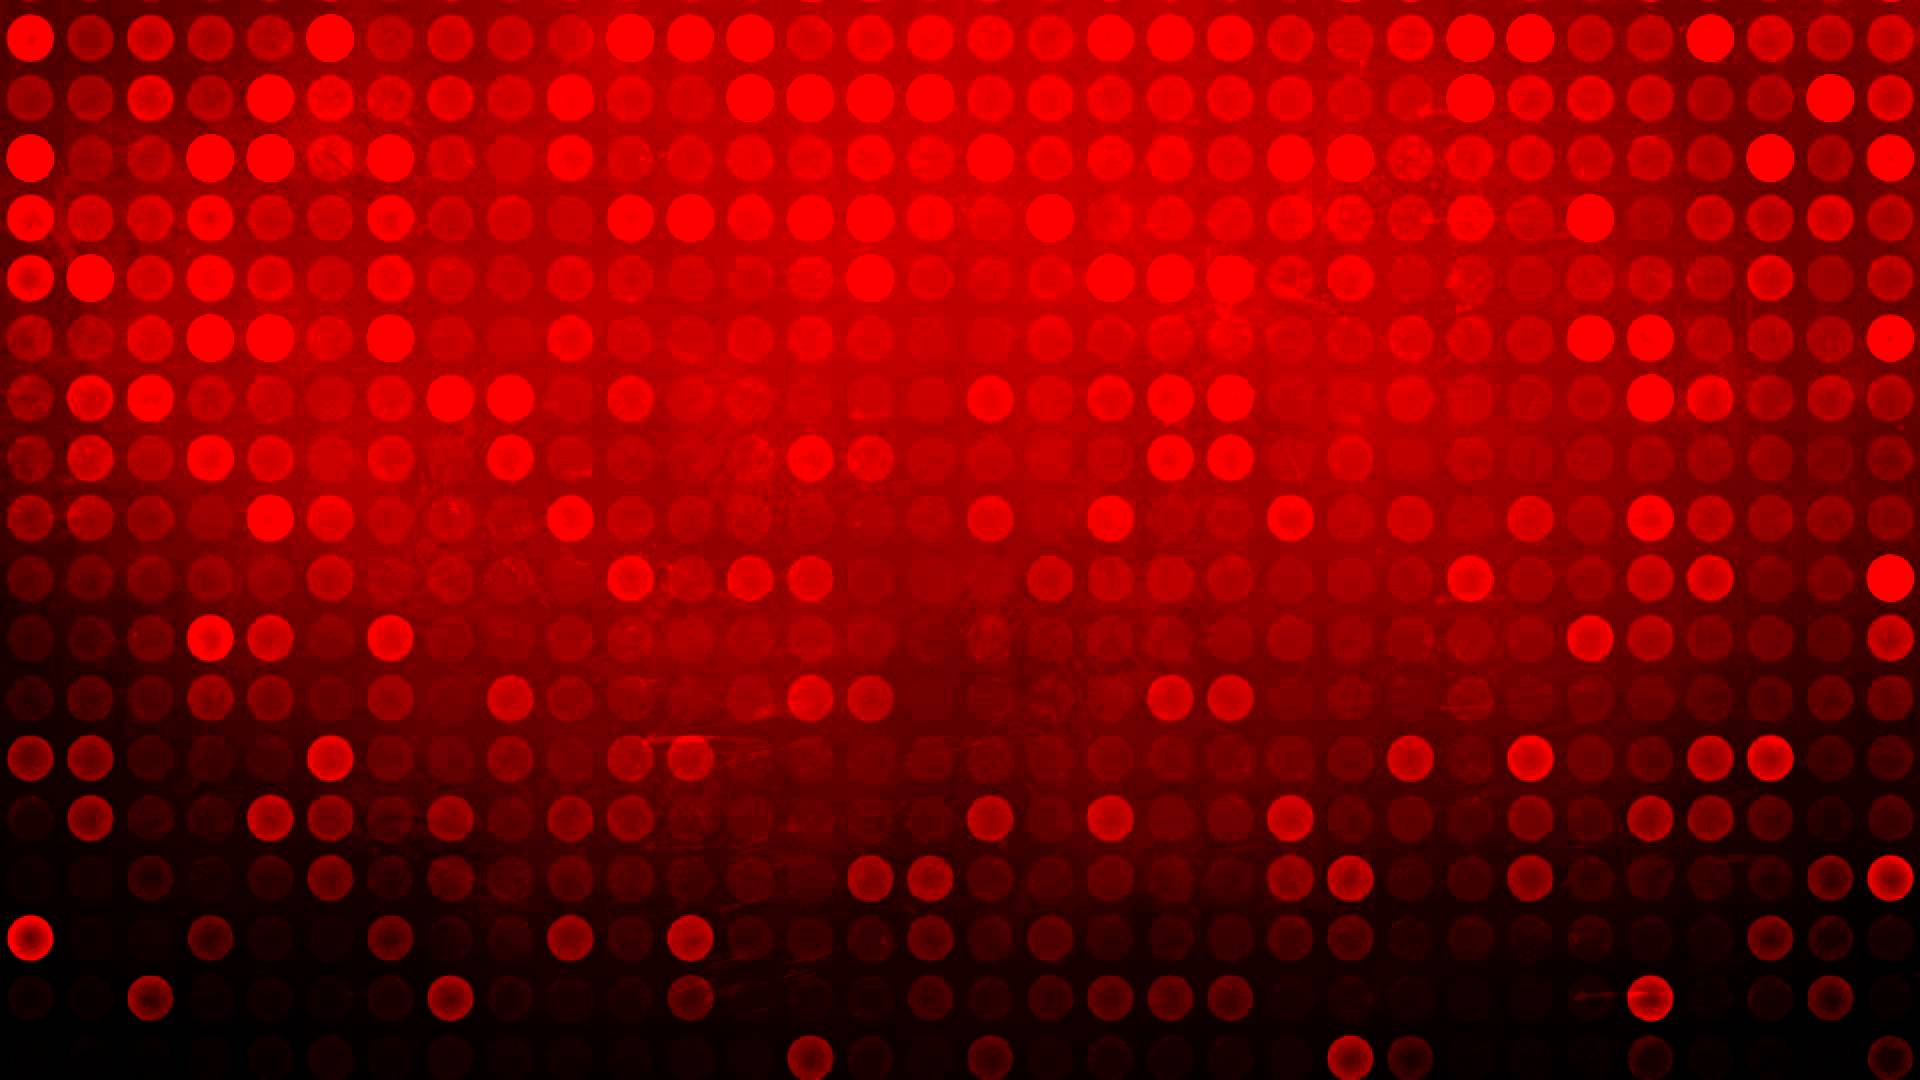 صور خلفية حمراء , صور رائعه باللون الاحمر